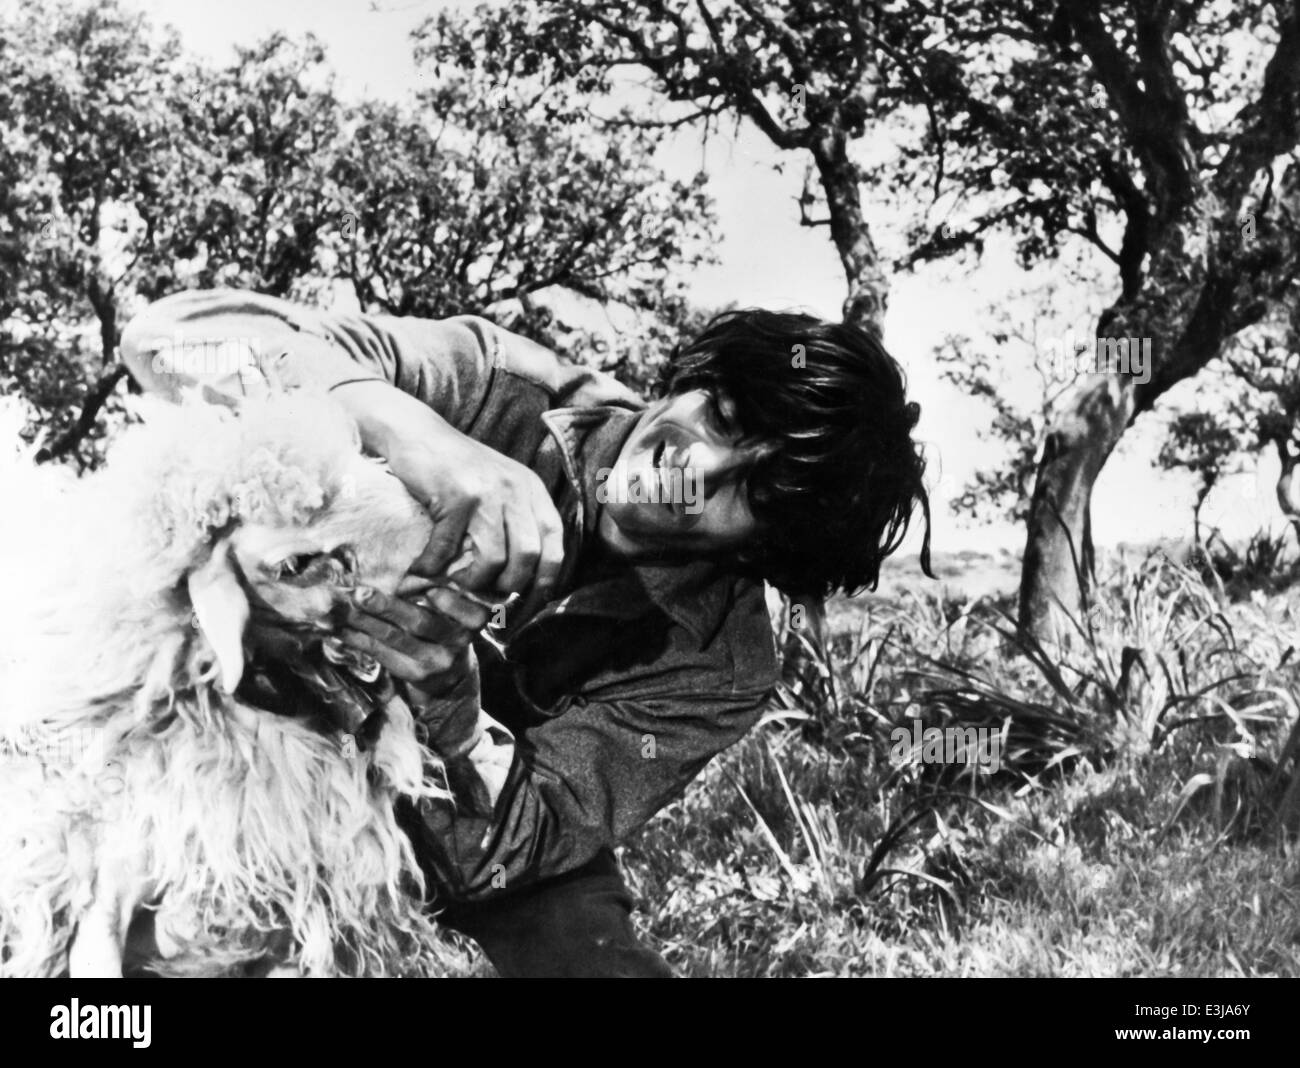 Gavino ledda, ybris,1983 Photo Stock